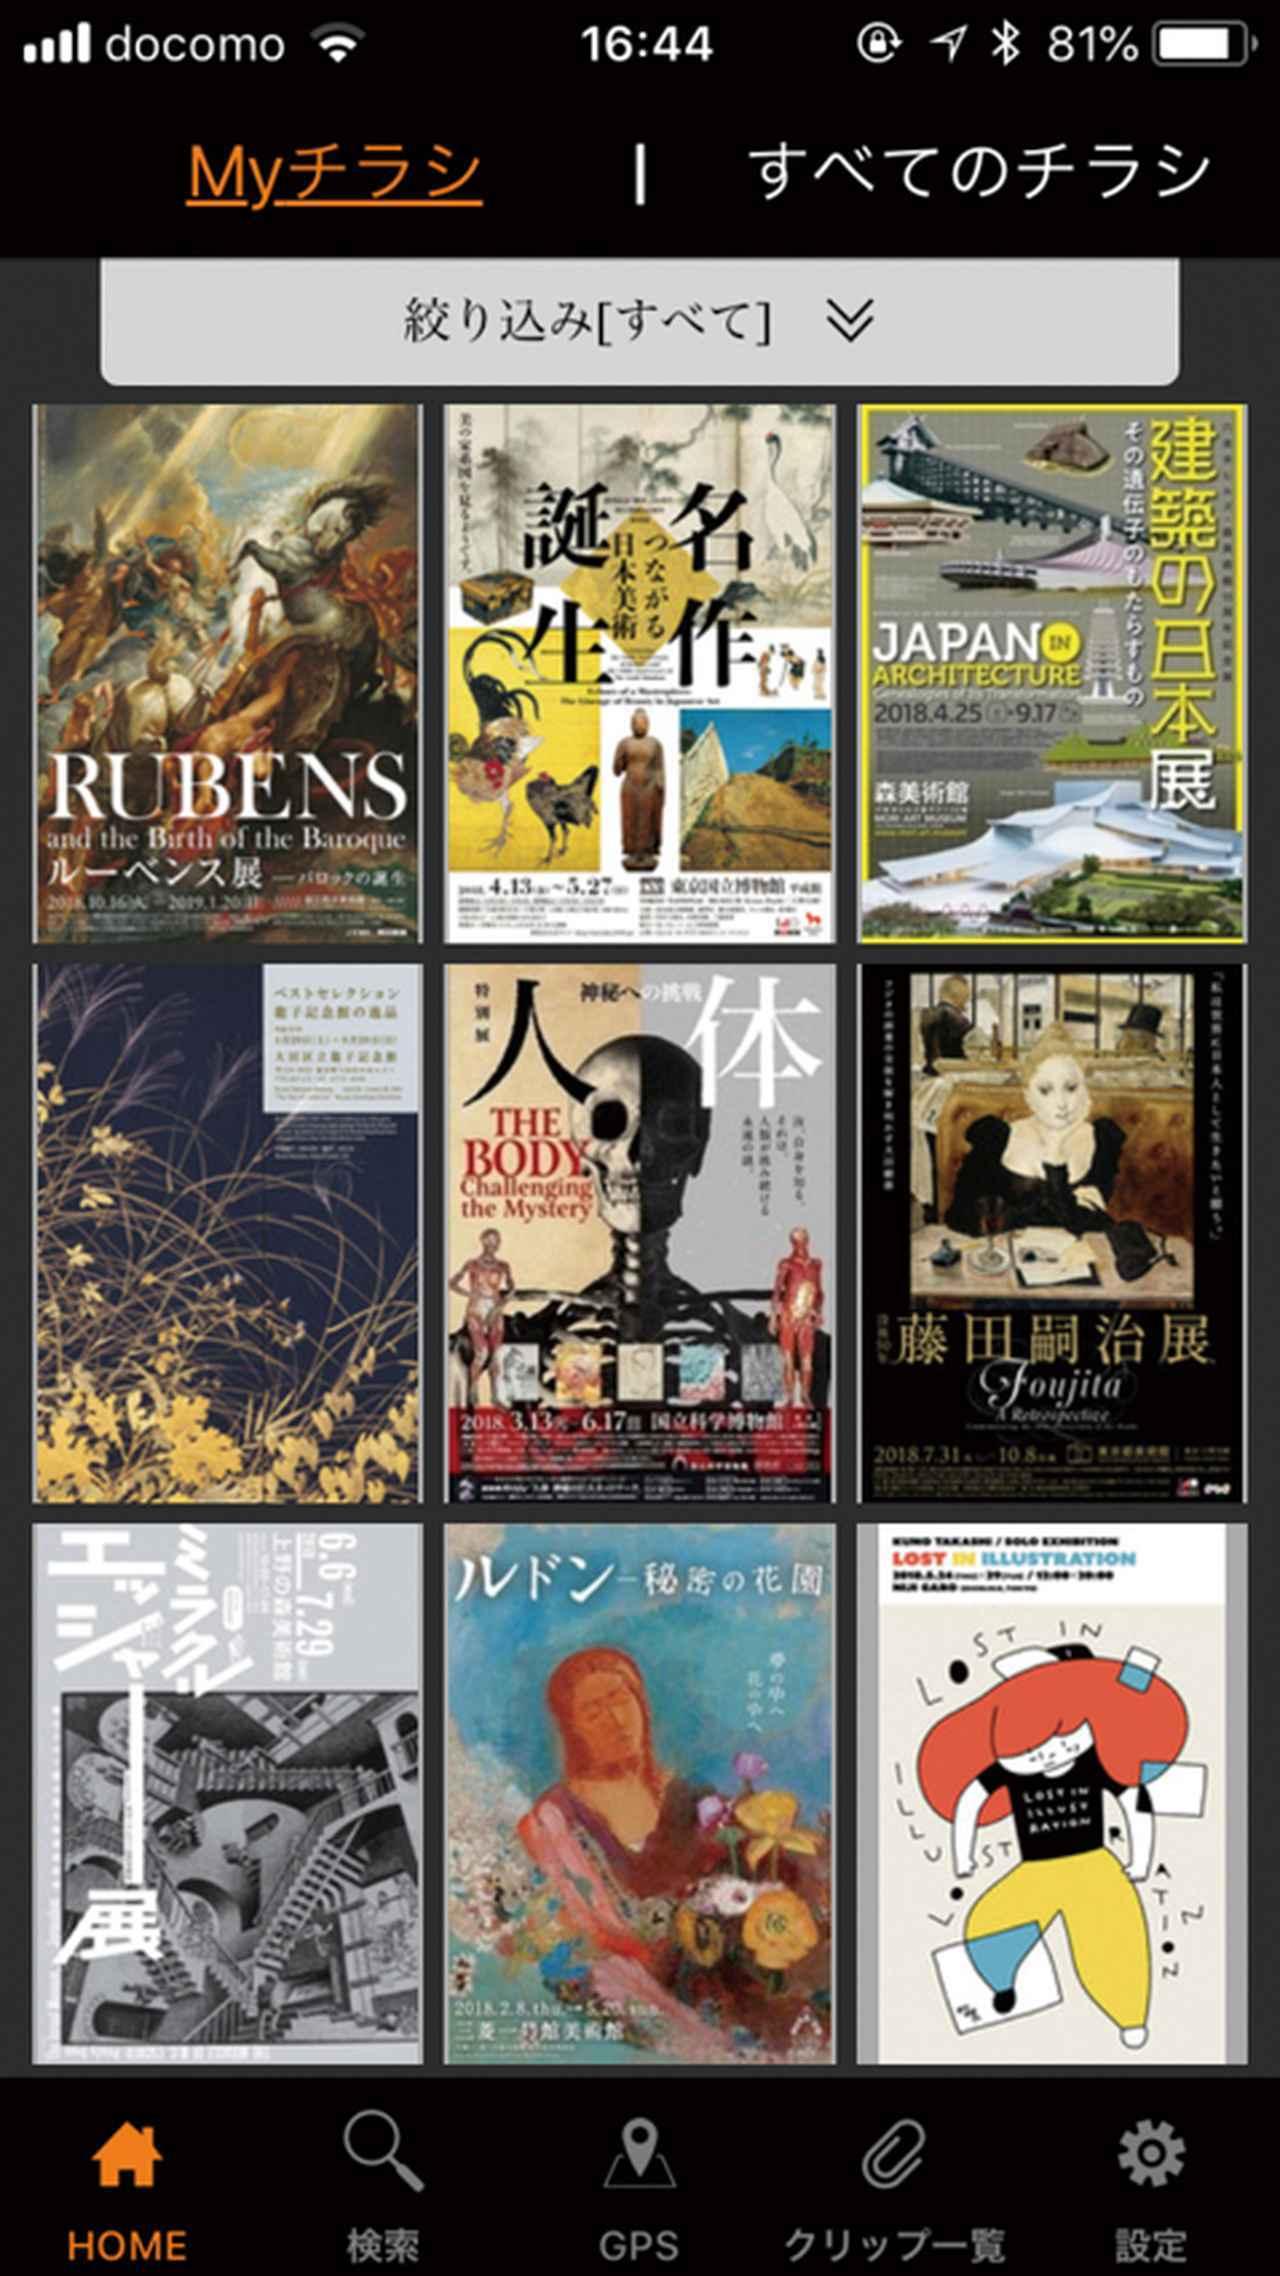 画像2: ❸全国1500以上の美術館や博物館のアートチラシを鑑賞